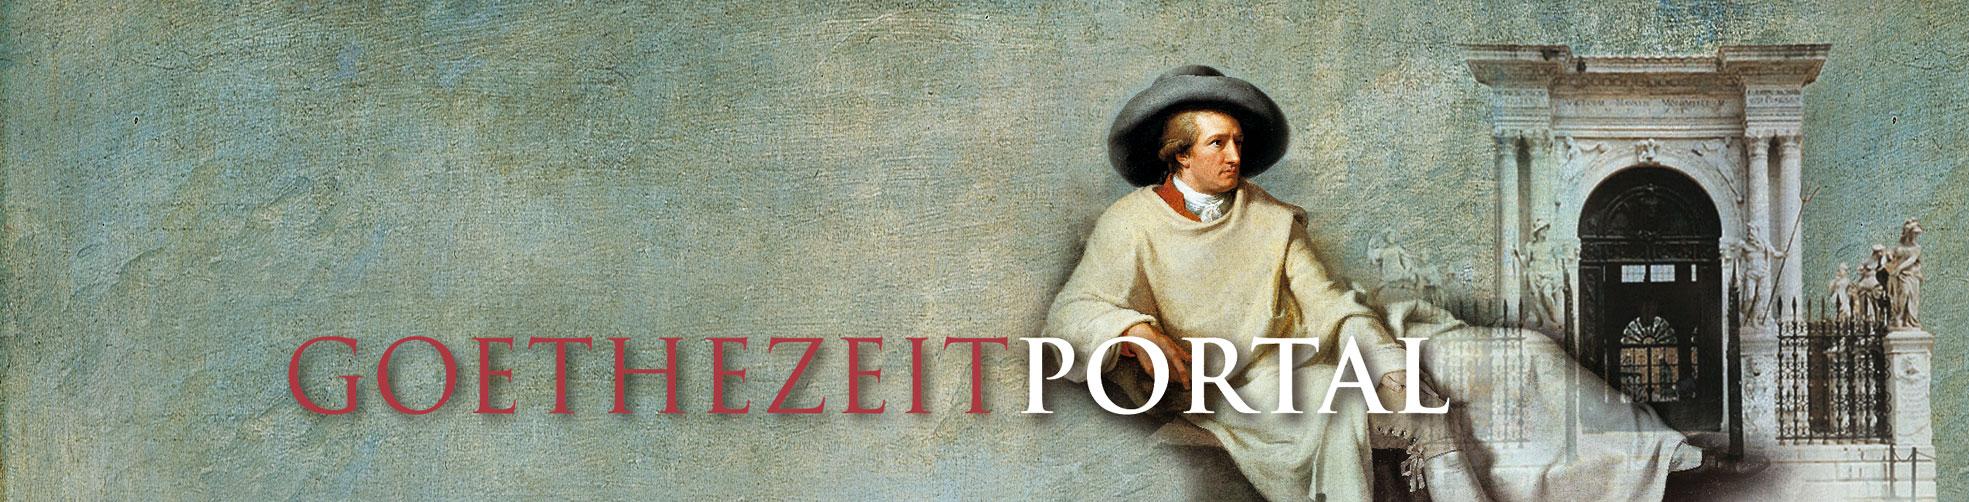 Das Goethezeitportal: Der Mond: Gedichte Und Bilder 2. Teil über Mondbeglänzte Zaubernacht Die Den Sinn Gefangen Hält